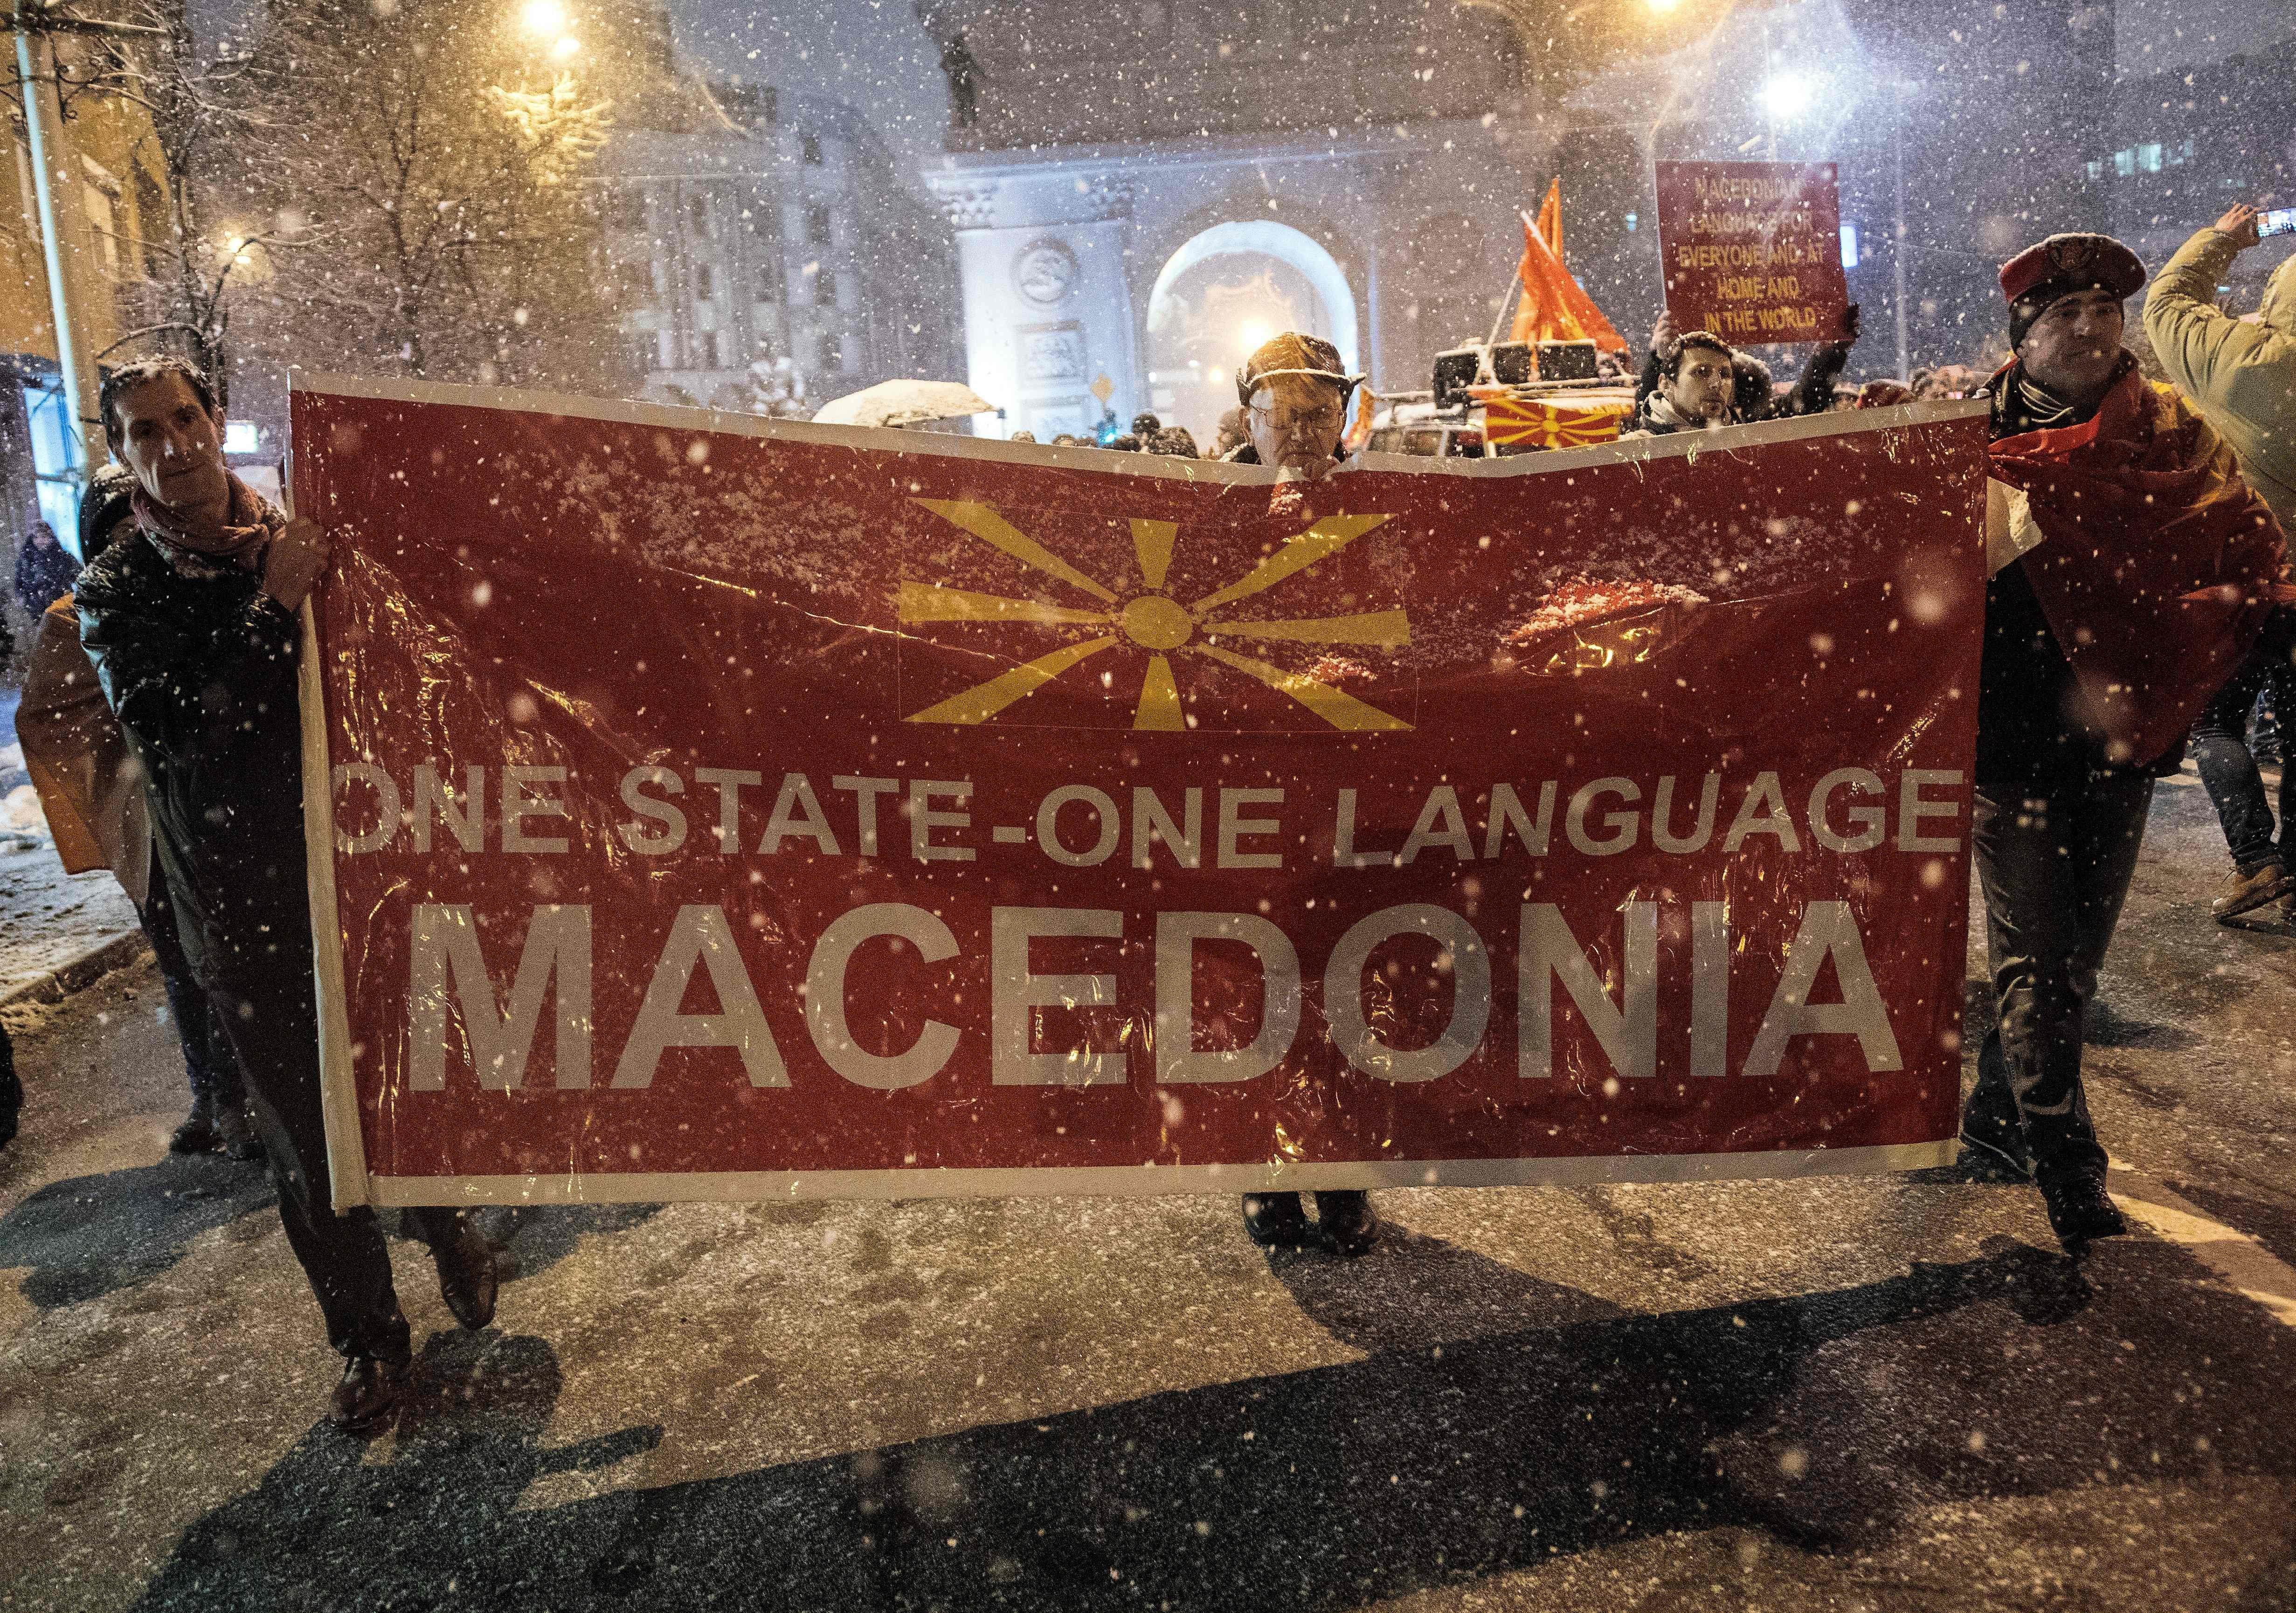 Καίγοντας ελληνικές σημαίες στα Σκόπια. Η πορεία κατά της αλλαγής της ονομασίας της πΓΔΜ μέσα από τις αναρτήσεις των γειτόνων...